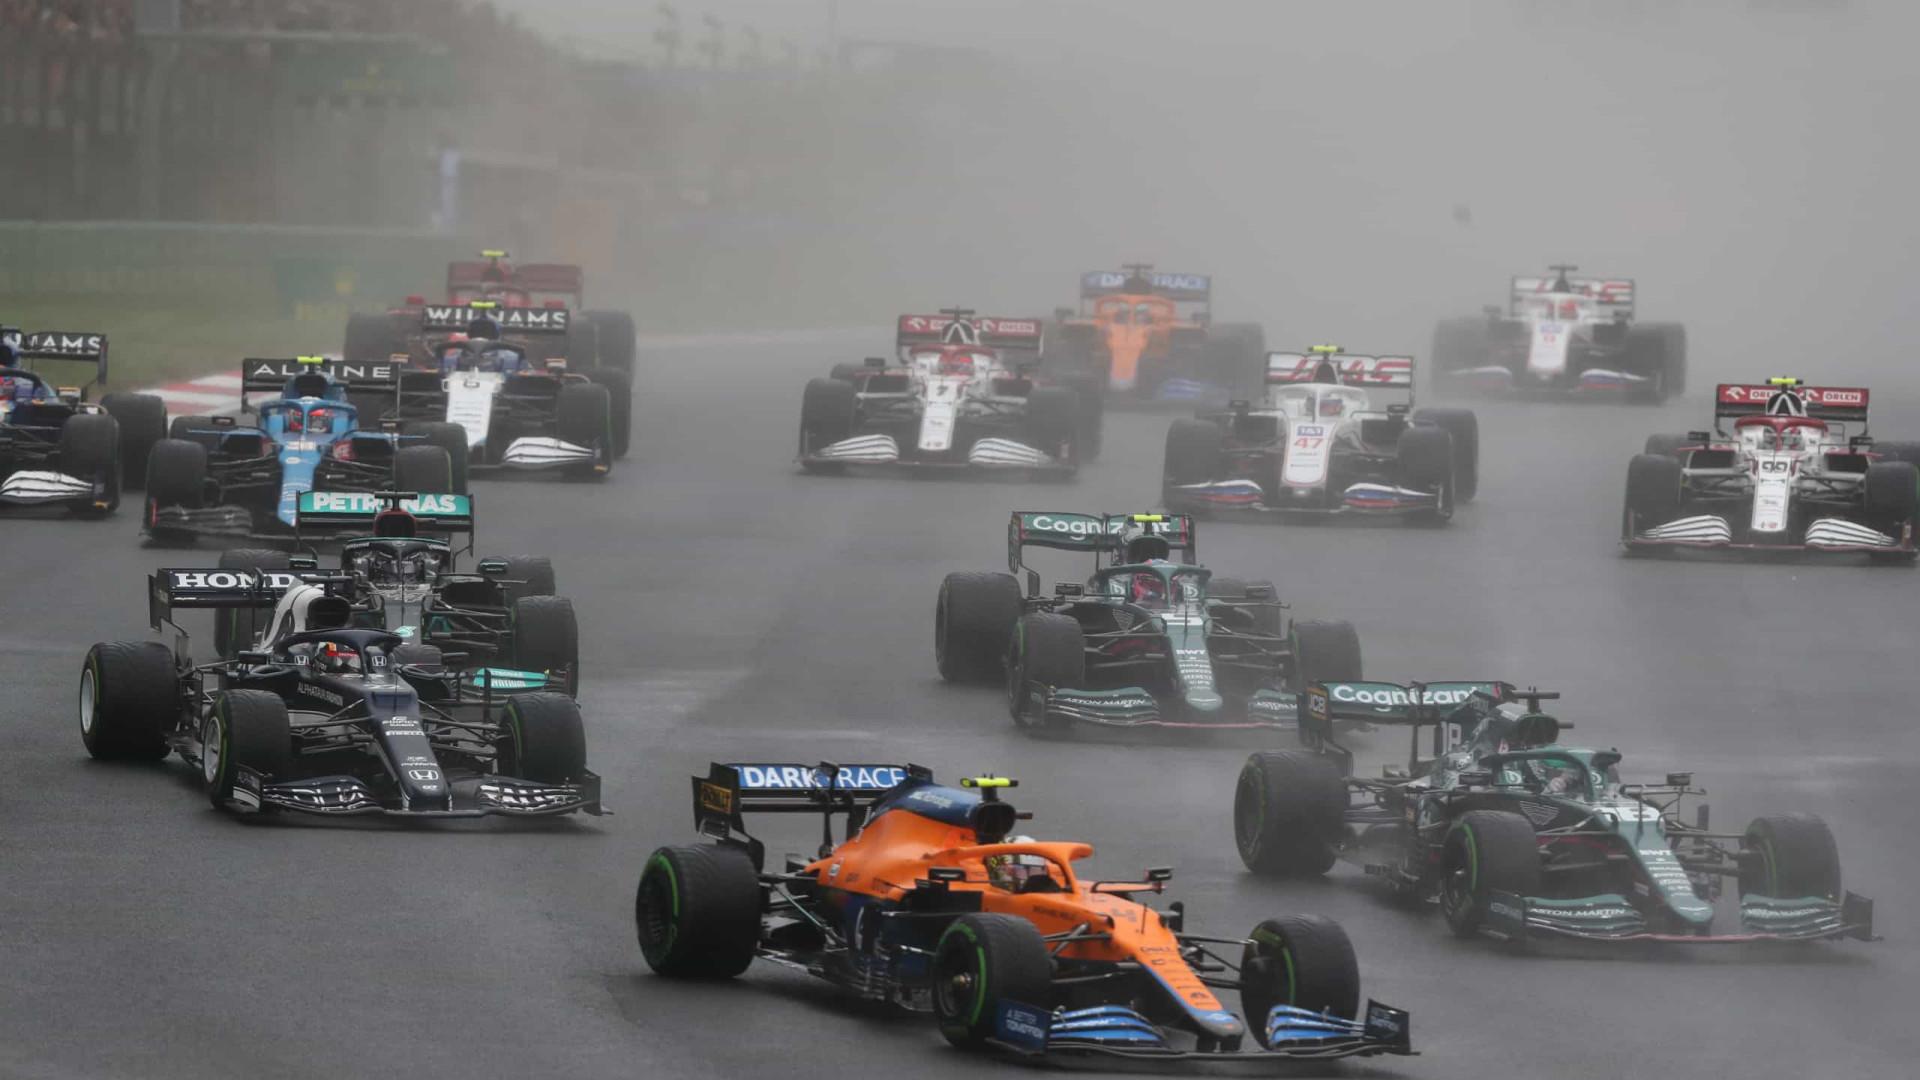 Temporada 2022 do Mundial de Fórmula 1 com recorde de 23 grandes prémios